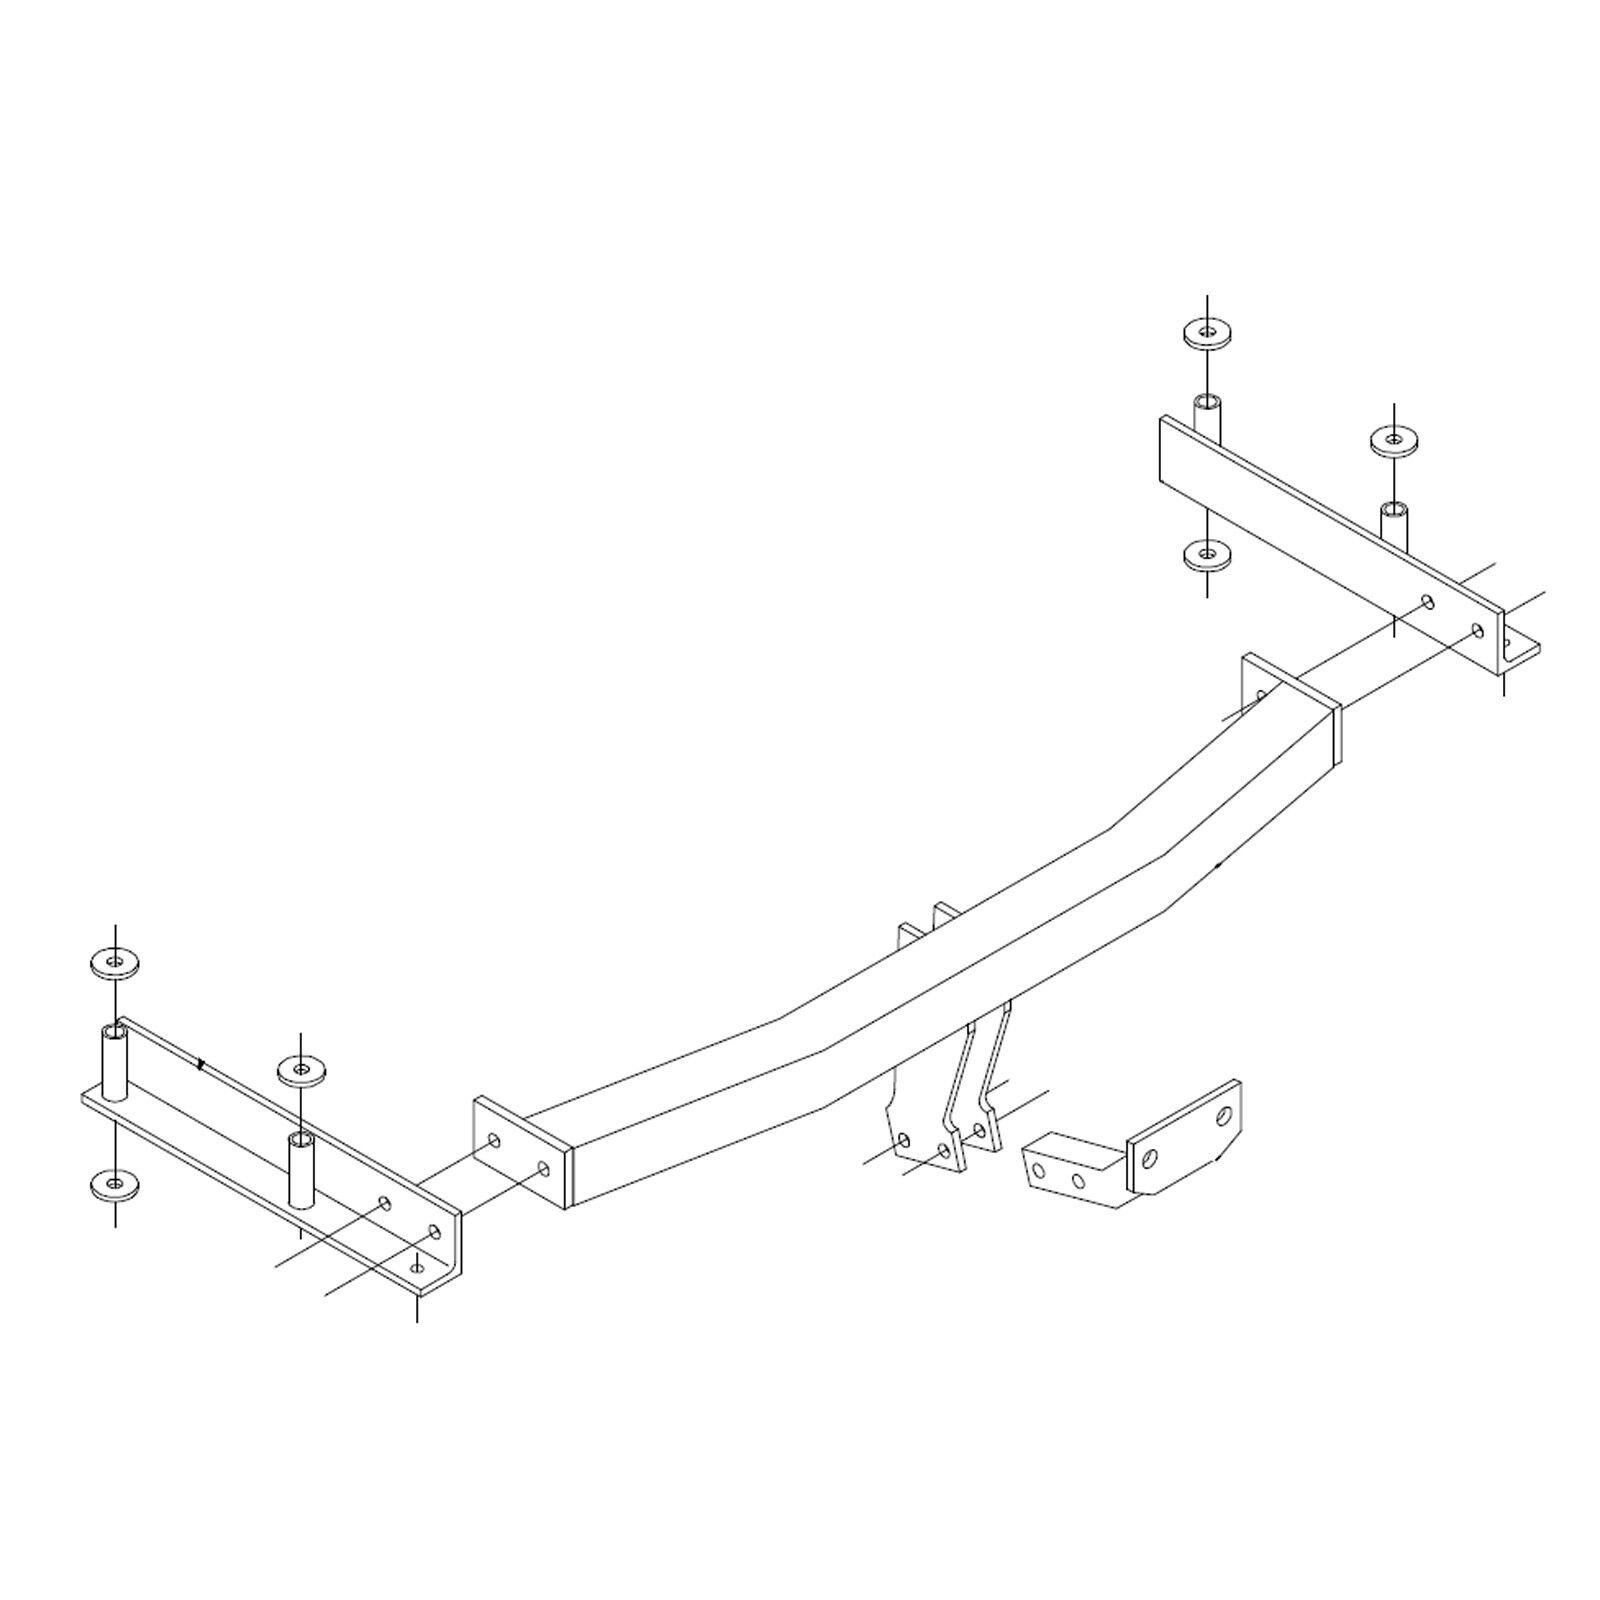 Pct Towbar For Audi A4 4 Door Saloon